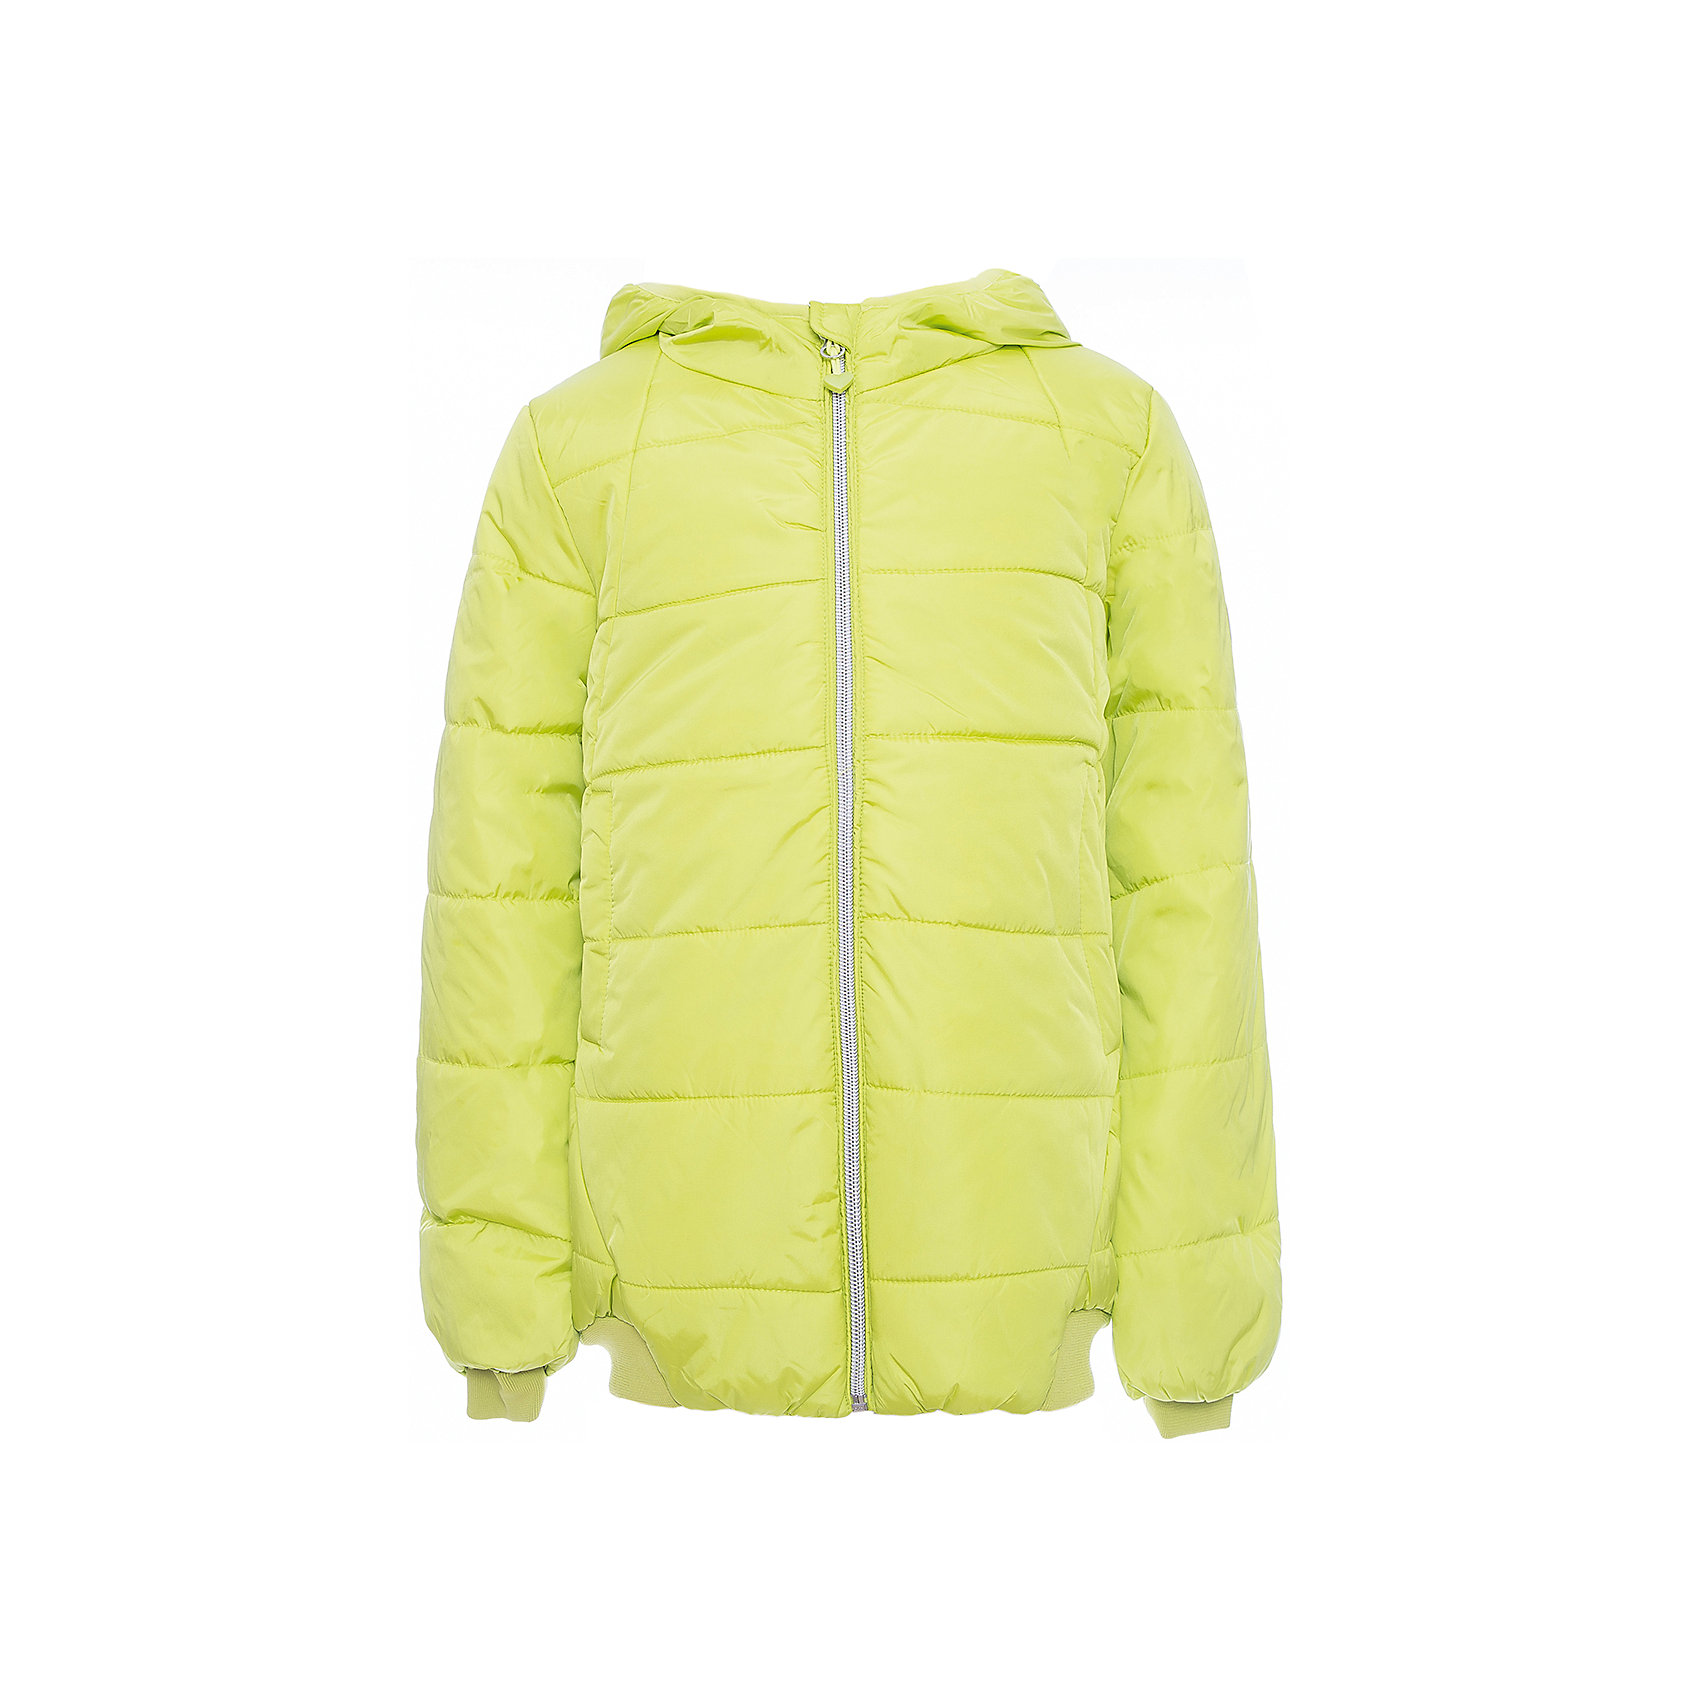 Куртка Scool для девочкиВерхняя одежда<br>Куртка Scool для девочки<br>Утепленная куртка с капюшоном яркого сочного цвета - хорошее решение для периода смены сезонов. Ткань с водоотталкивающей пропиткой. Капюшон на мягкой резинке, даже во время активных игр капюшон не упадет с головы ребенка. Куртка дополнена вшивными карманами на кнопках. Низ и манжеты куртки на плотной трикотажной резинке. Светоотражатели обеспечат видимость ребенка в темное время суток.<br>Состав:<br>Верх: 100% нейлон, подкладка: 100% полиэстер, наполнитель: 100% полиэстер, 260 г/м2<br><br>Ширина мм: 356<br>Глубина мм: 10<br>Высота мм: 245<br>Вес г: 519<br>Цвет: зеленый<br>Возраст от месяцев: 156<br>Возраст до месяцев: 168<br>Пол: Женский<br>Возраст: Детский<br>Размер: 164,134,140,146,152,158<br>SKU: 7105156